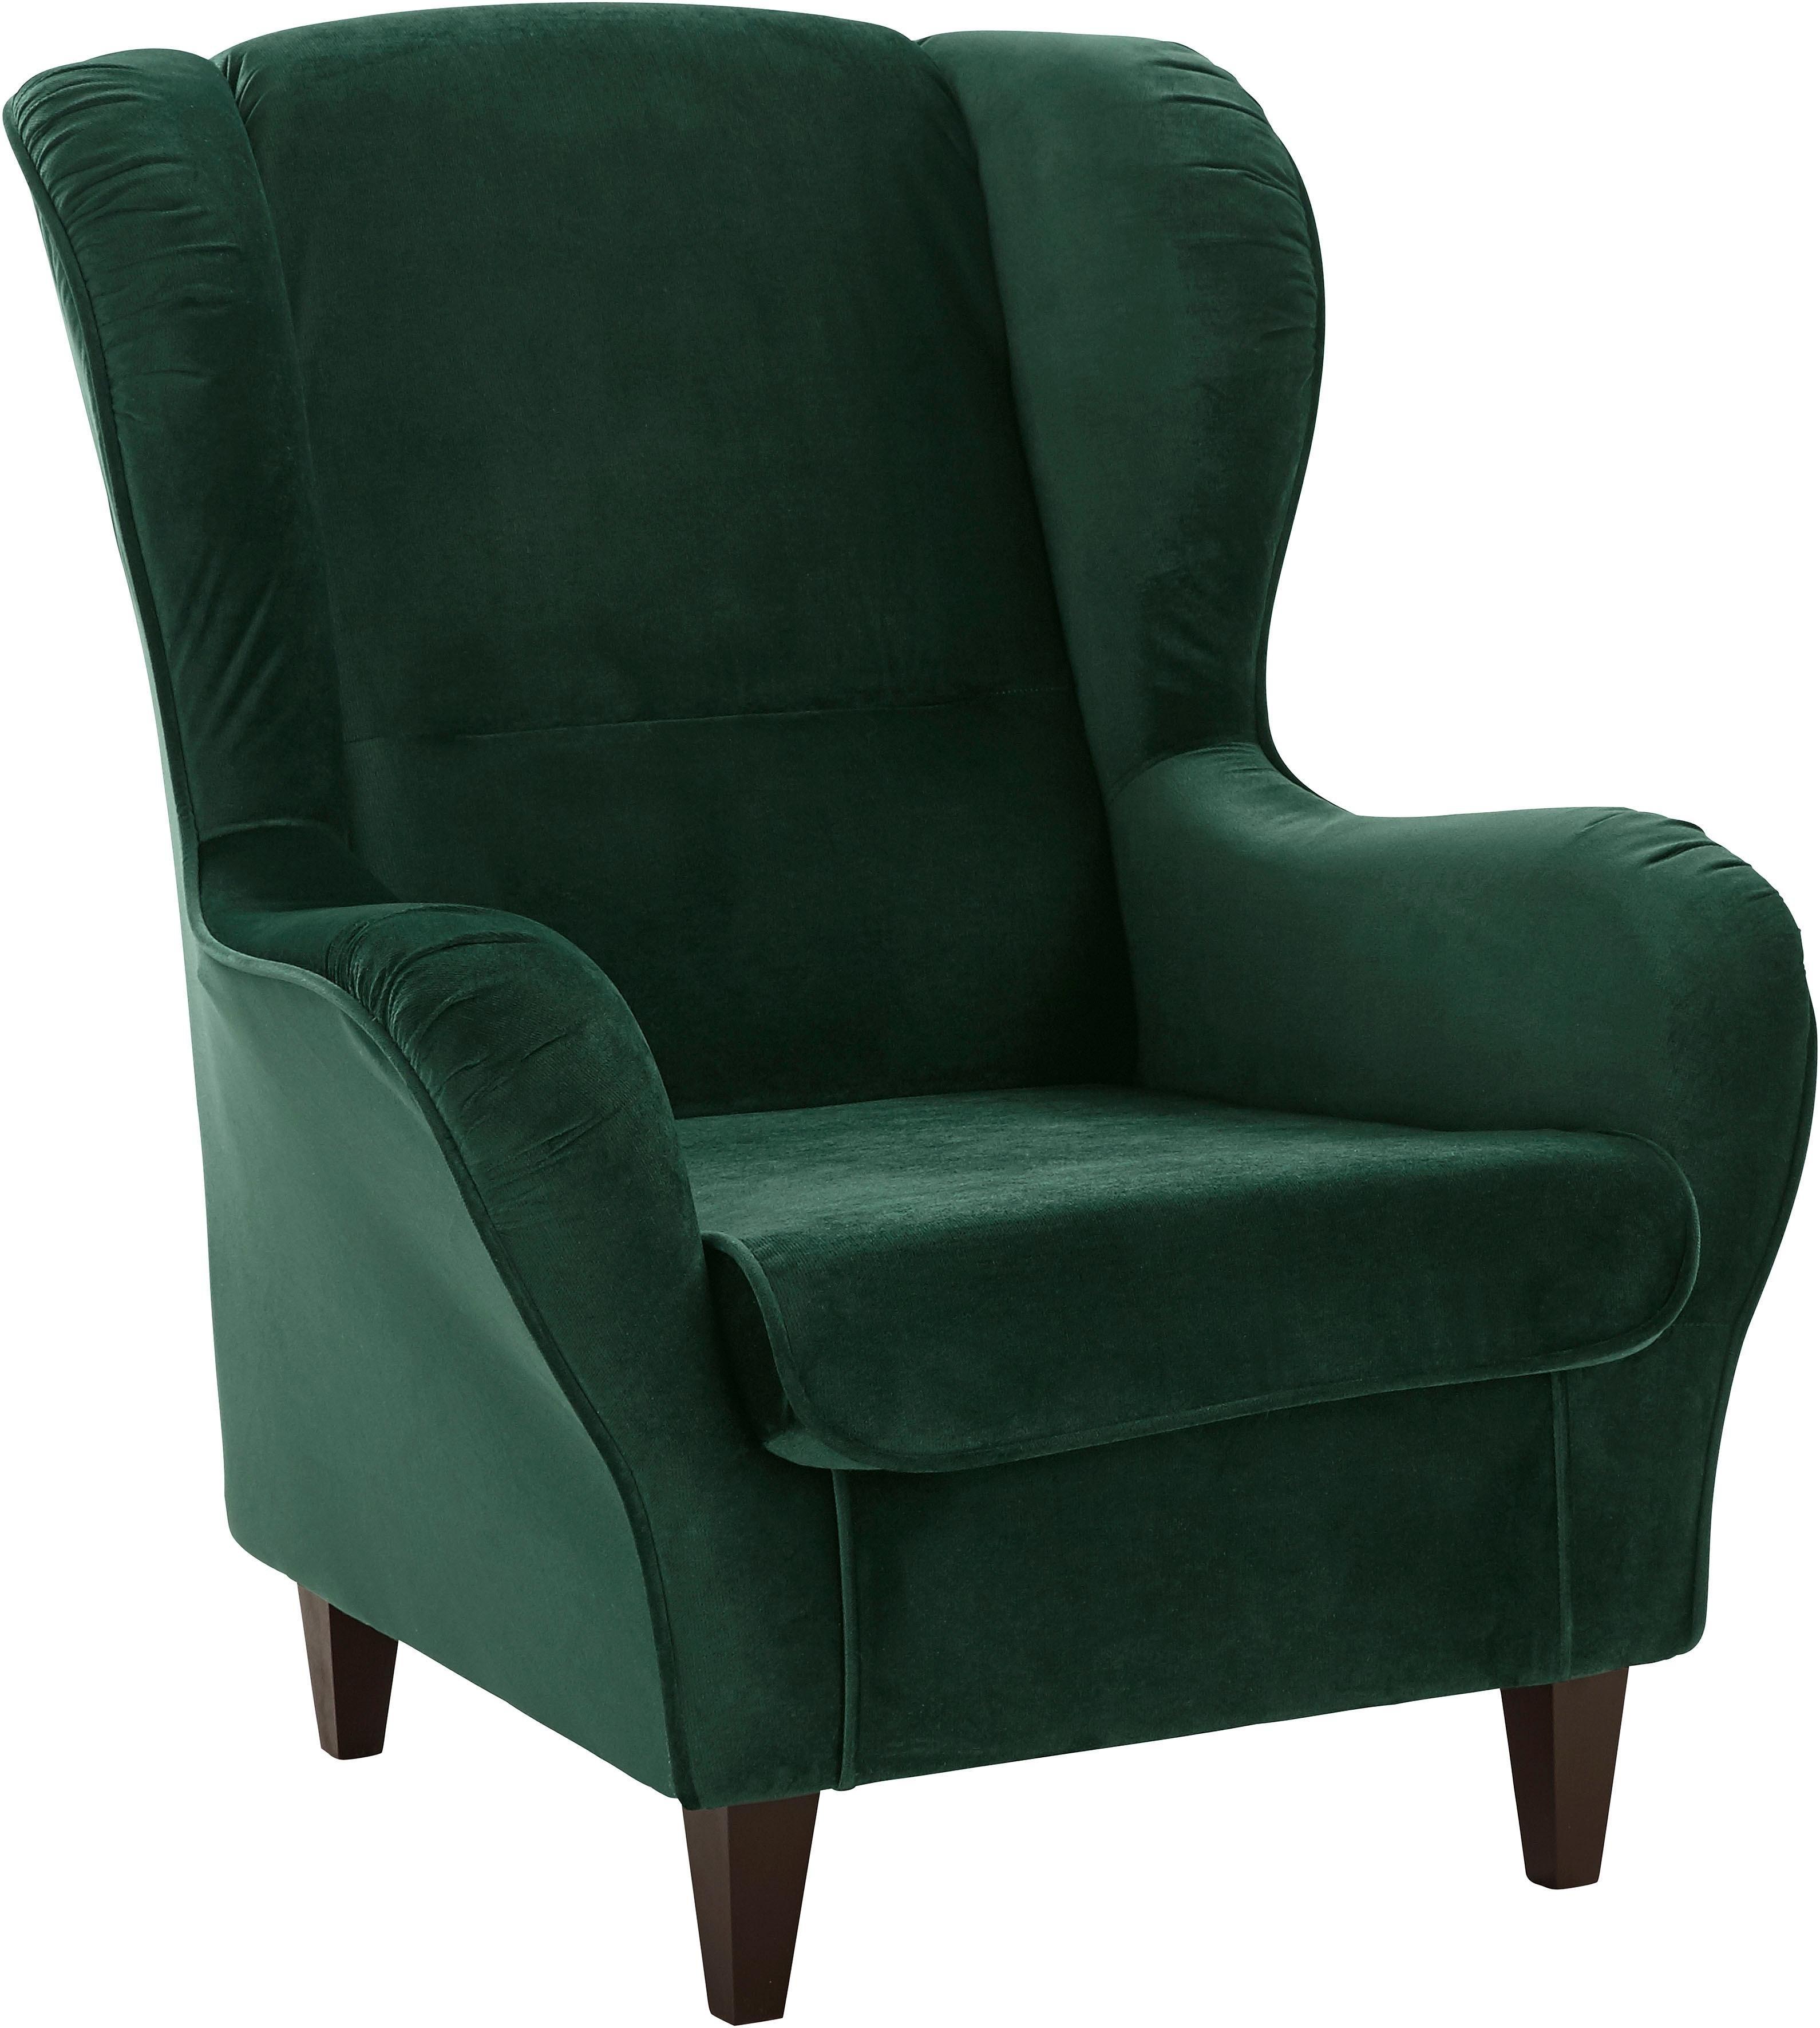 Inosign fauteuil met bekleding in fluweel-look, met en zonder hocker nu online kopen bij OTTO